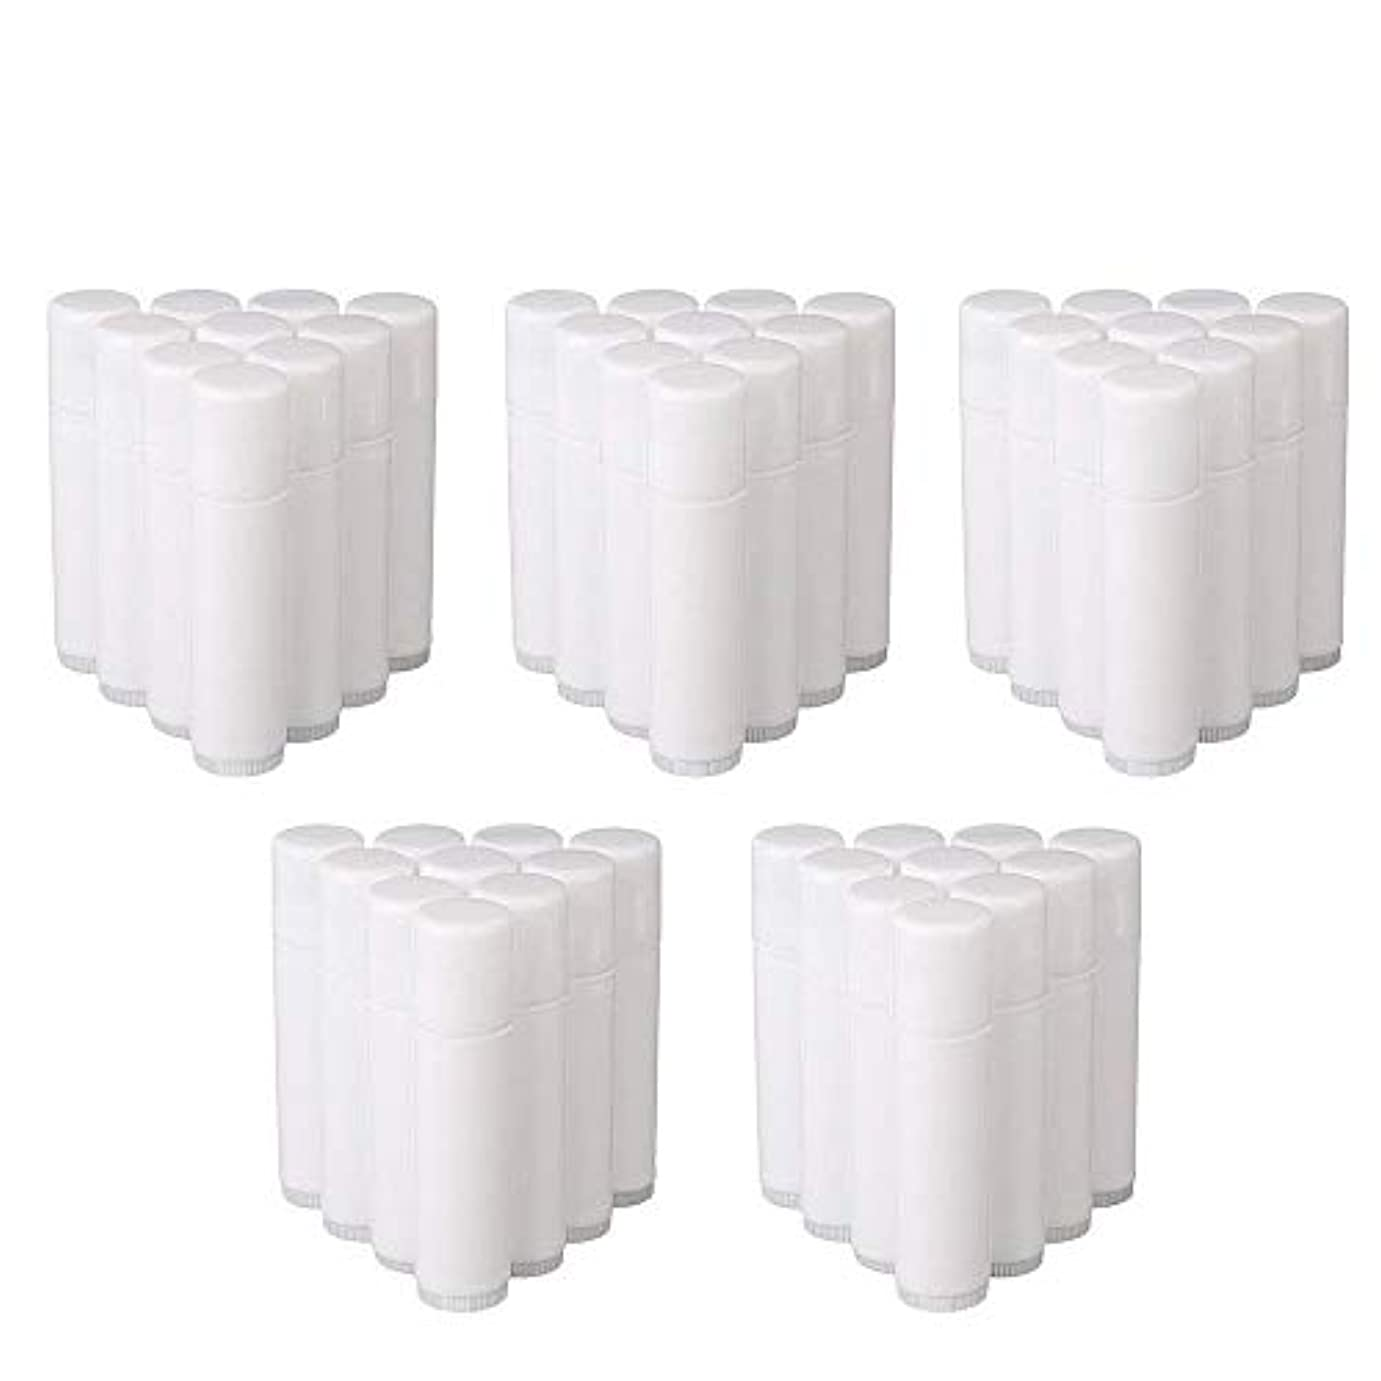 最高拍車許されるCOOLBOTANG リップバームチューブ リップクリーム 繰り出し ホワイト 手作りコスメ 手作り化粧品/リップクリーム 50個 5g ミニ 詰め替え容器